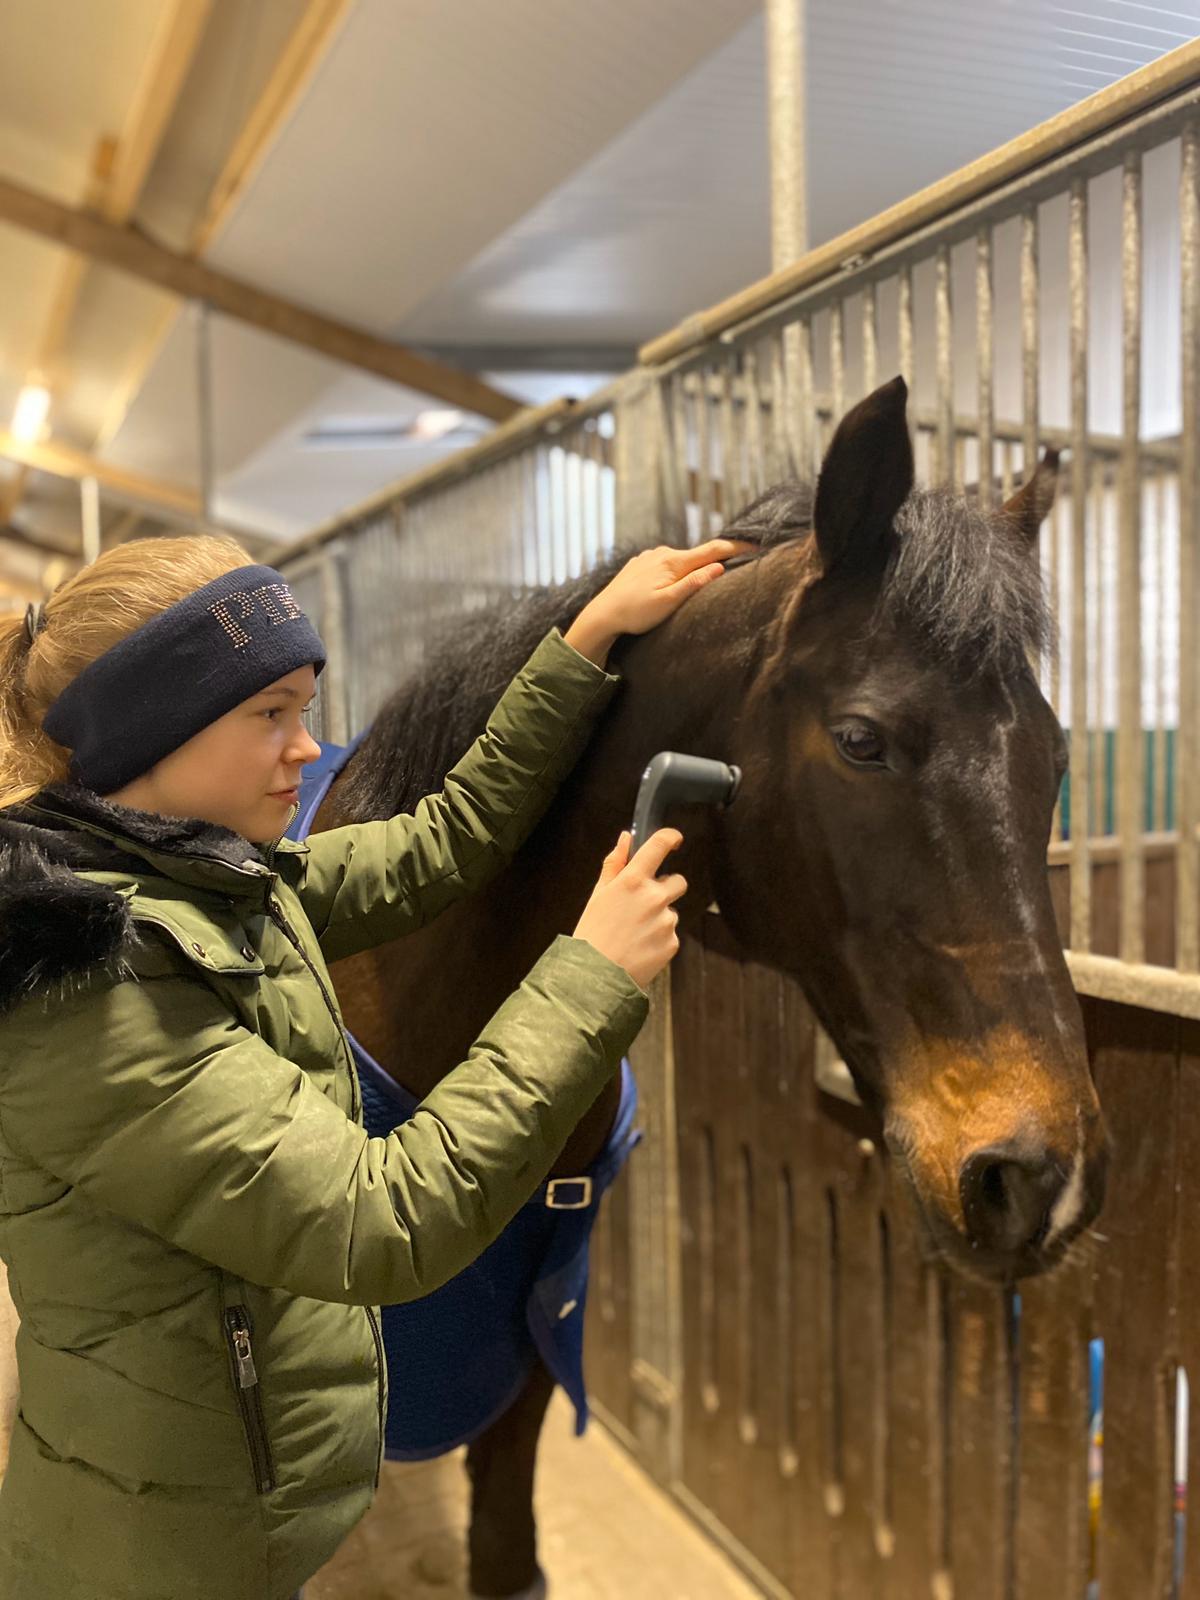 Das NOVAFON power wird von der Testerin am Kopf des Pferdes angewandt